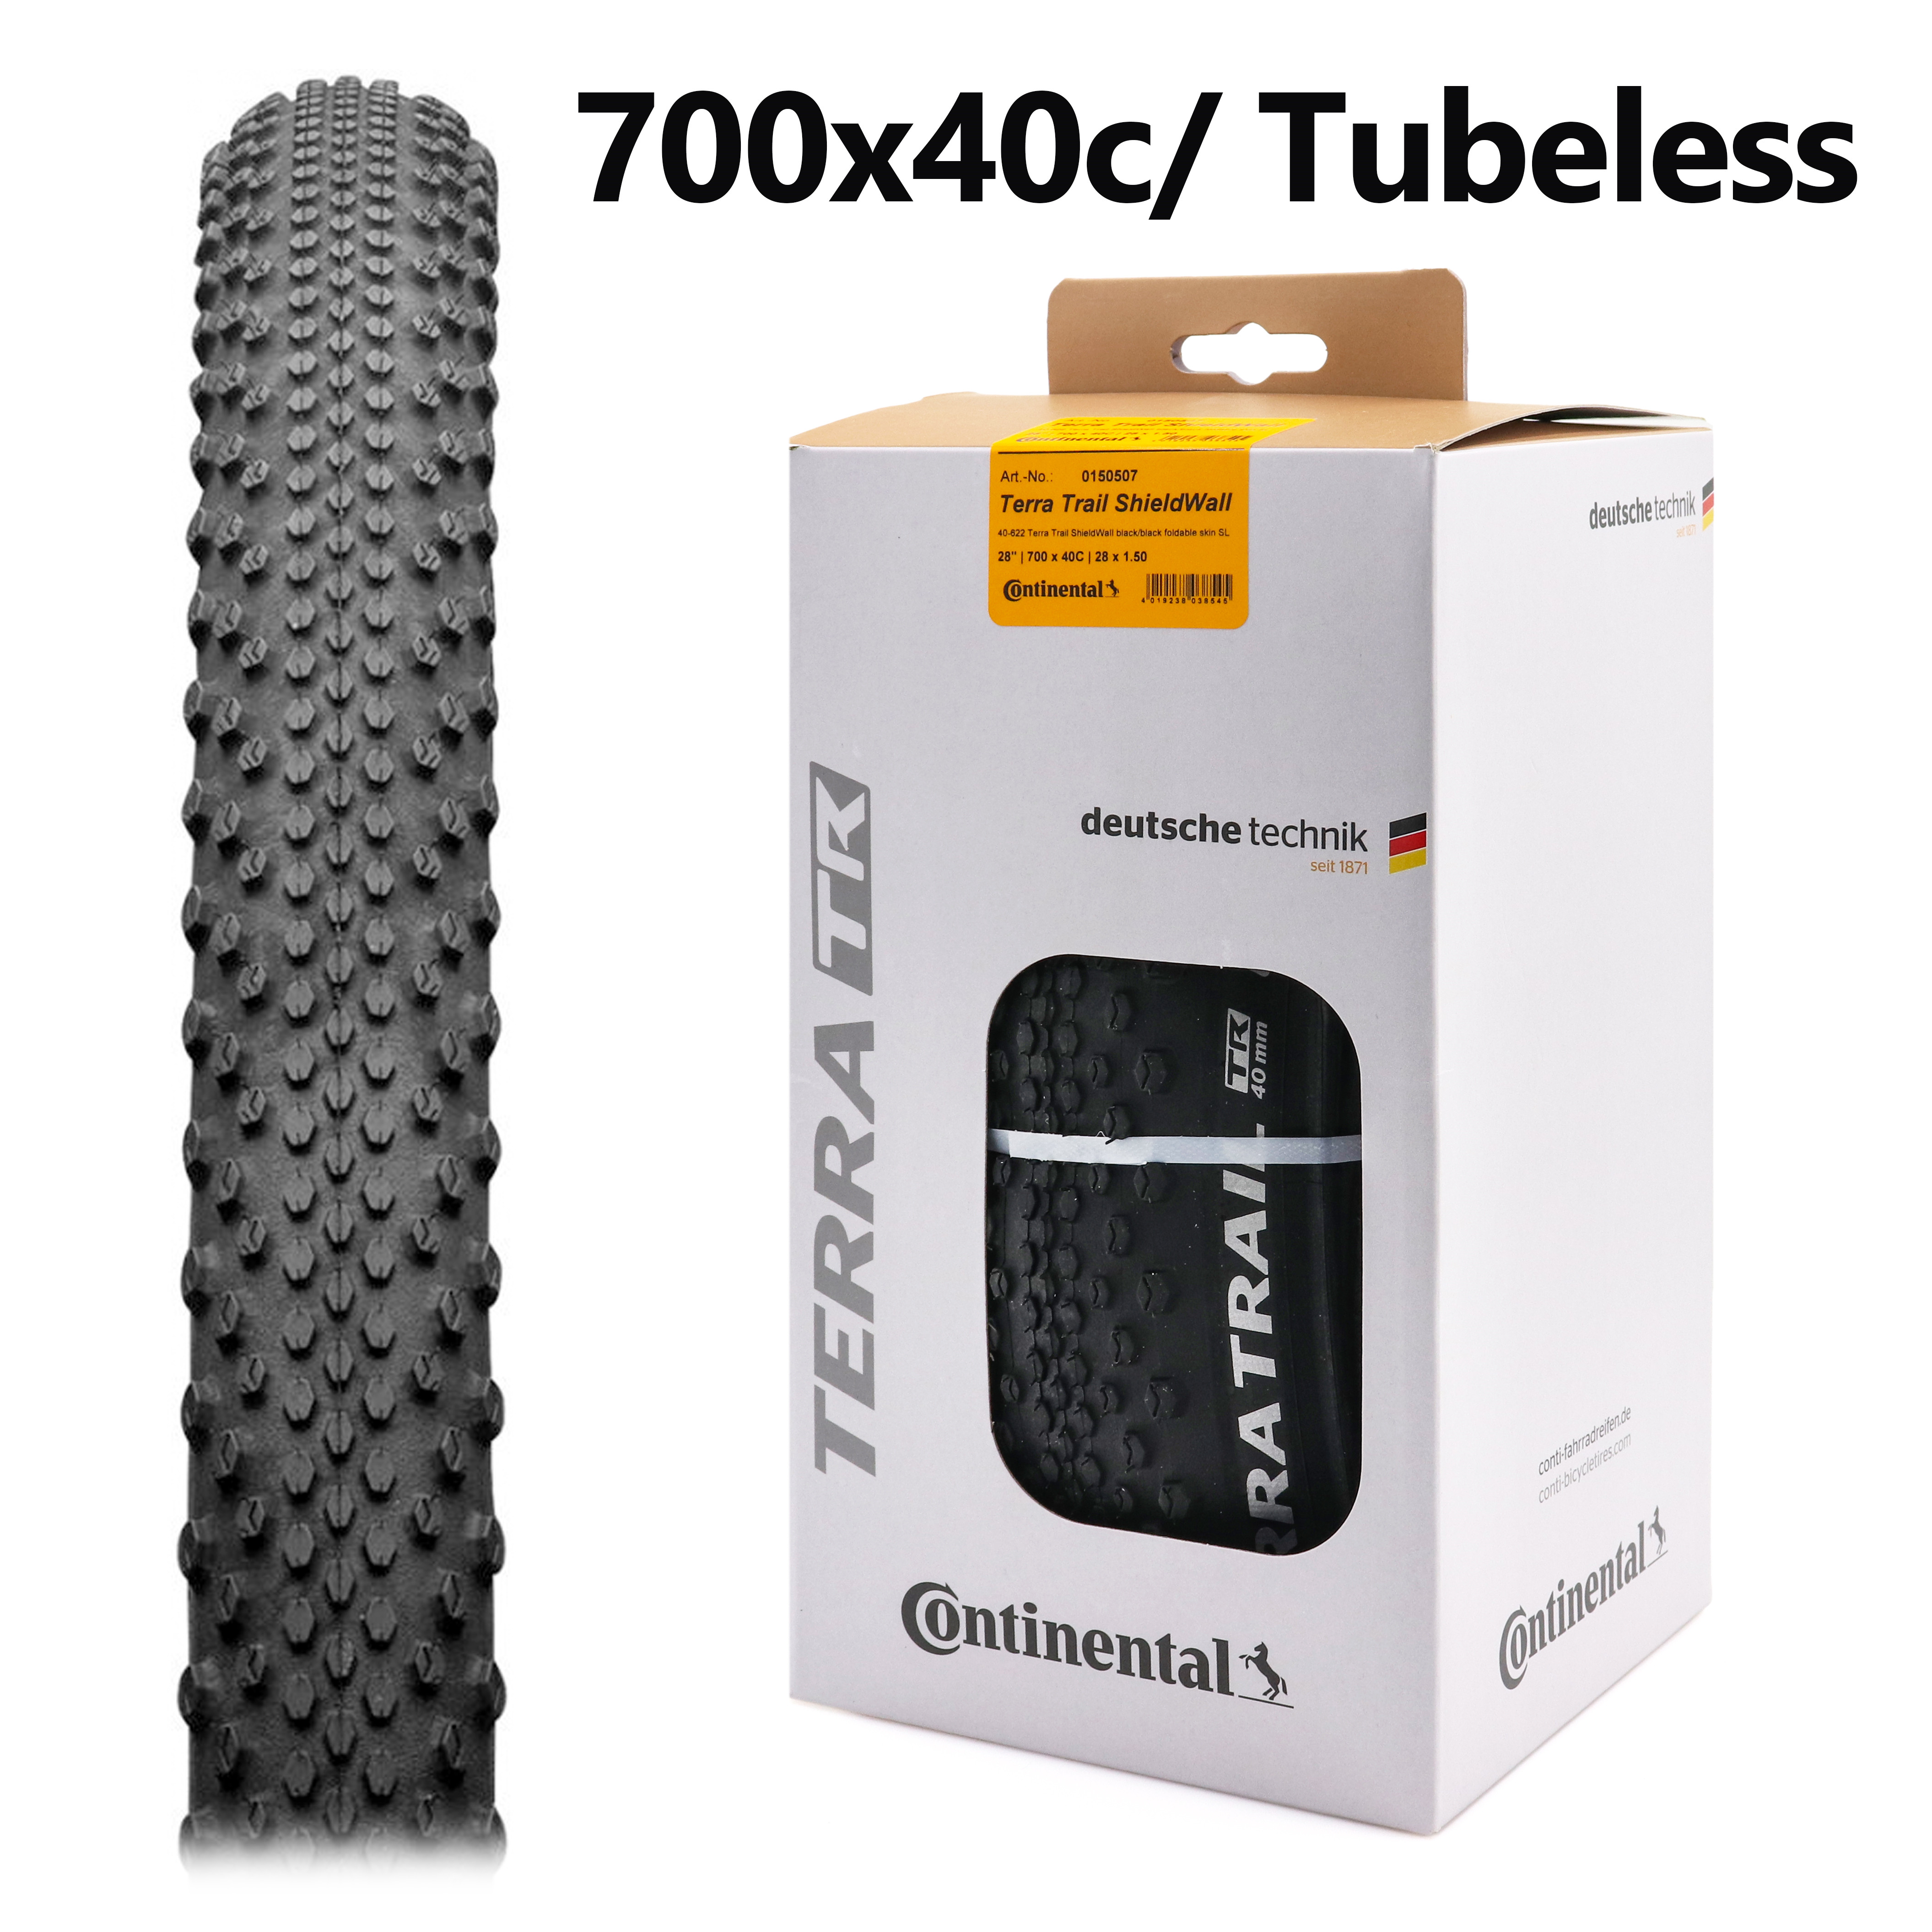 Защитная шина Continental Terra Trail 28 дюймов, складная бескамерная шина для шоссейного велосипеда, 700x40c